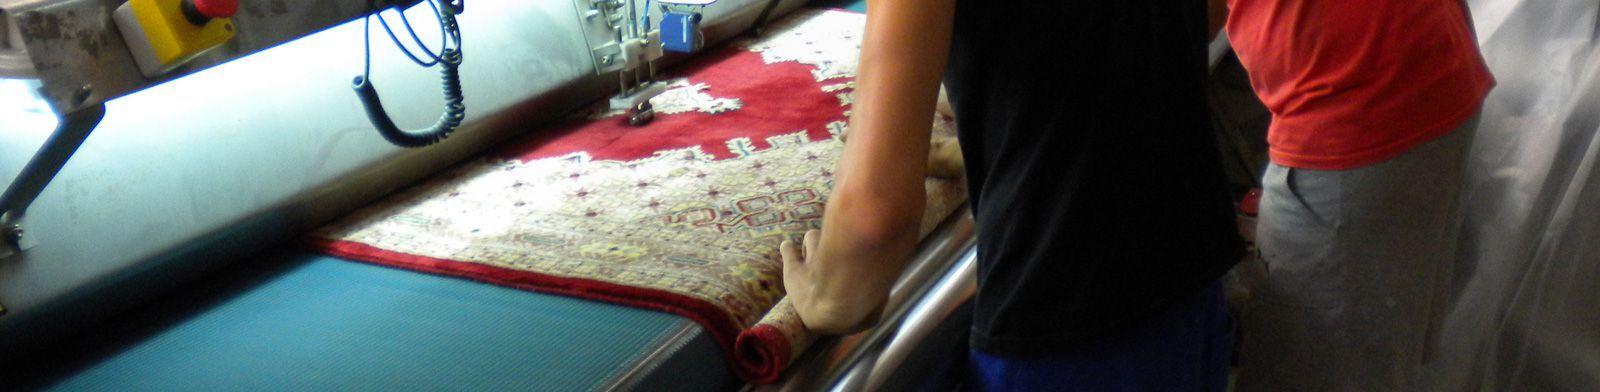 Ταπητοκαθαριστήριο Καθαρισμού και Φύλαξης Χαλιών - Κέντρο Καθαρισμού Χαλιών